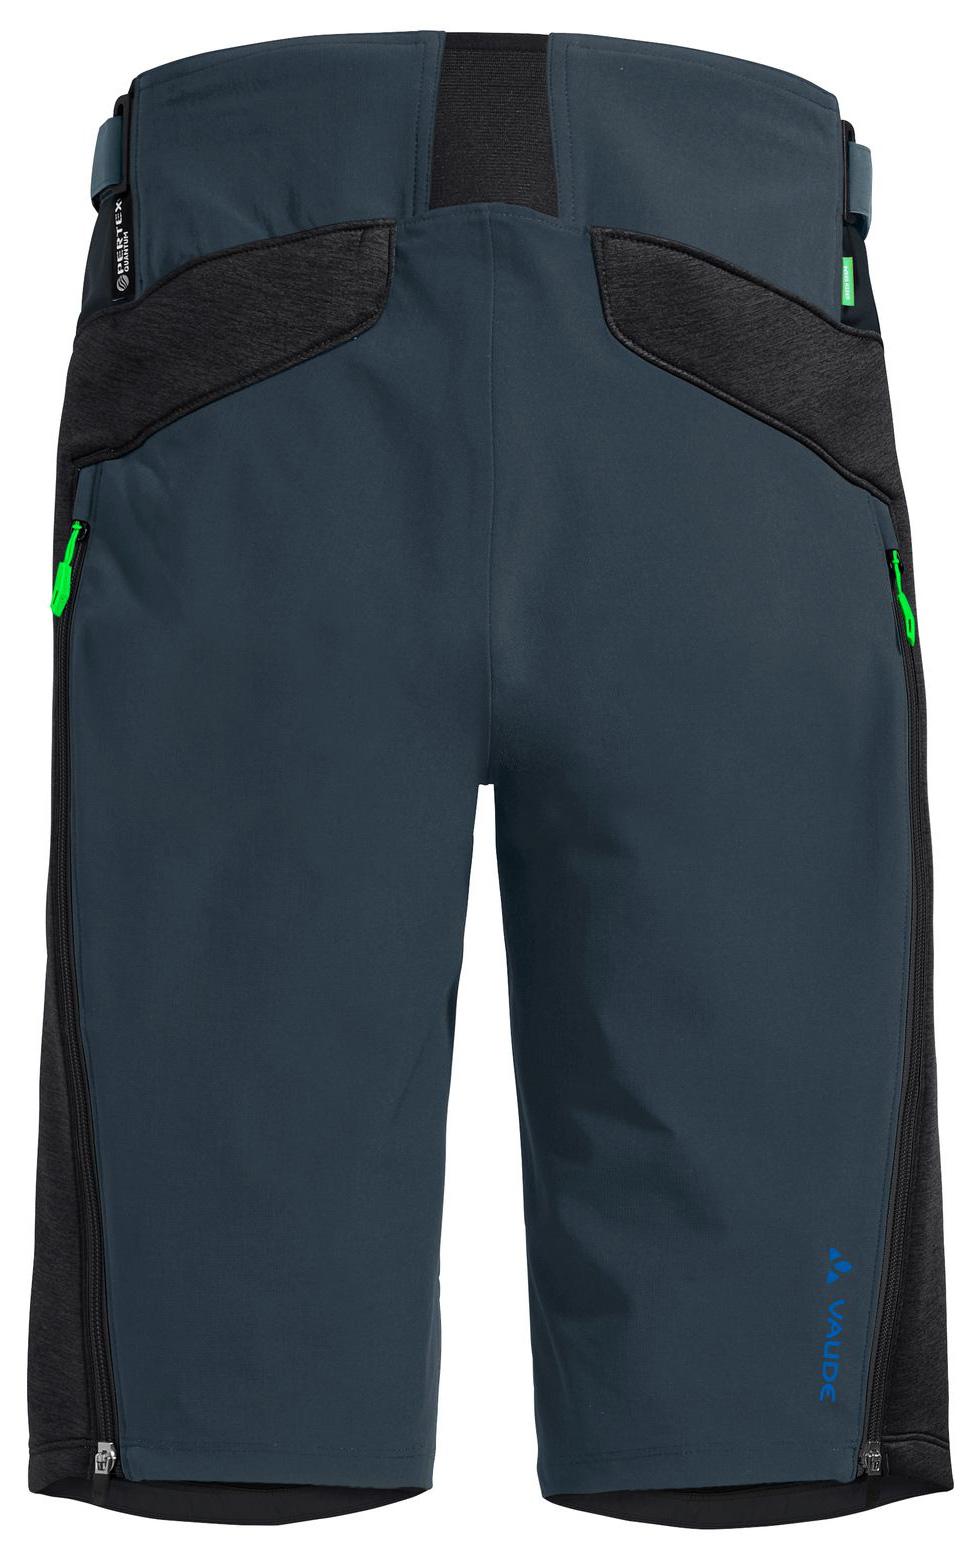 Bild von Vaude Minaki Shorts III Unisex Hose - vibrant green